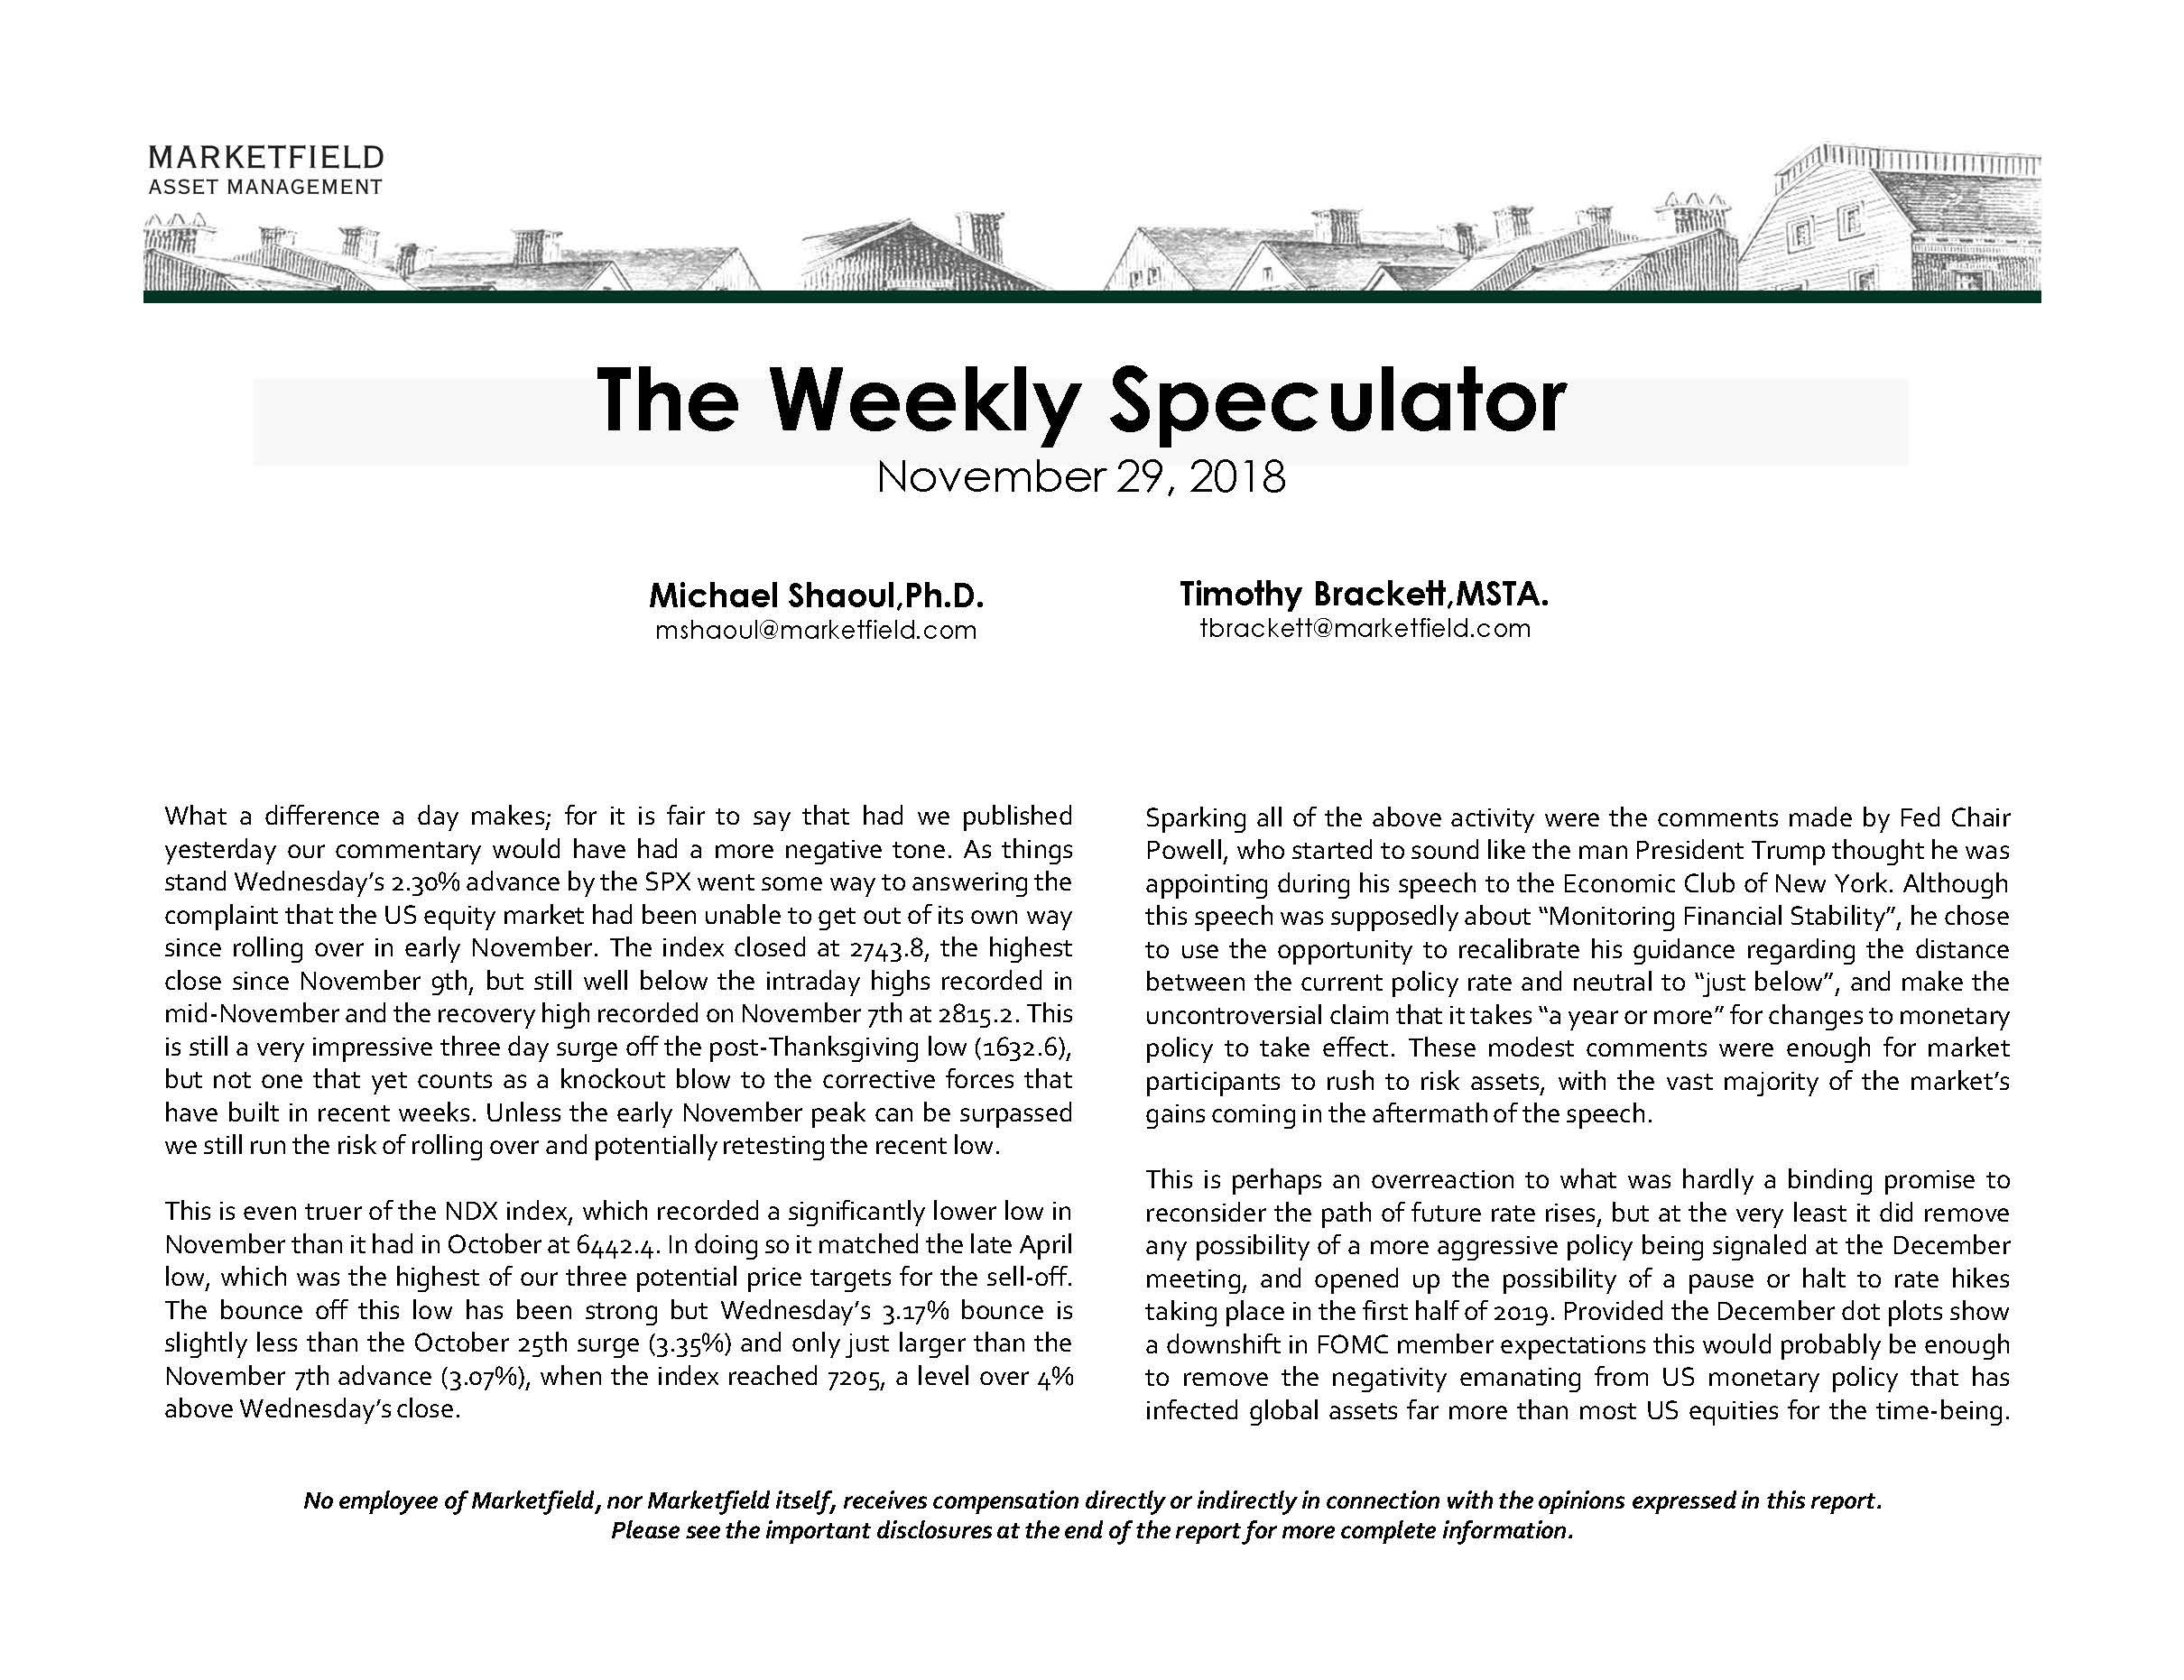 11-29-18_WeeklySpeculator_Page_01.jpg